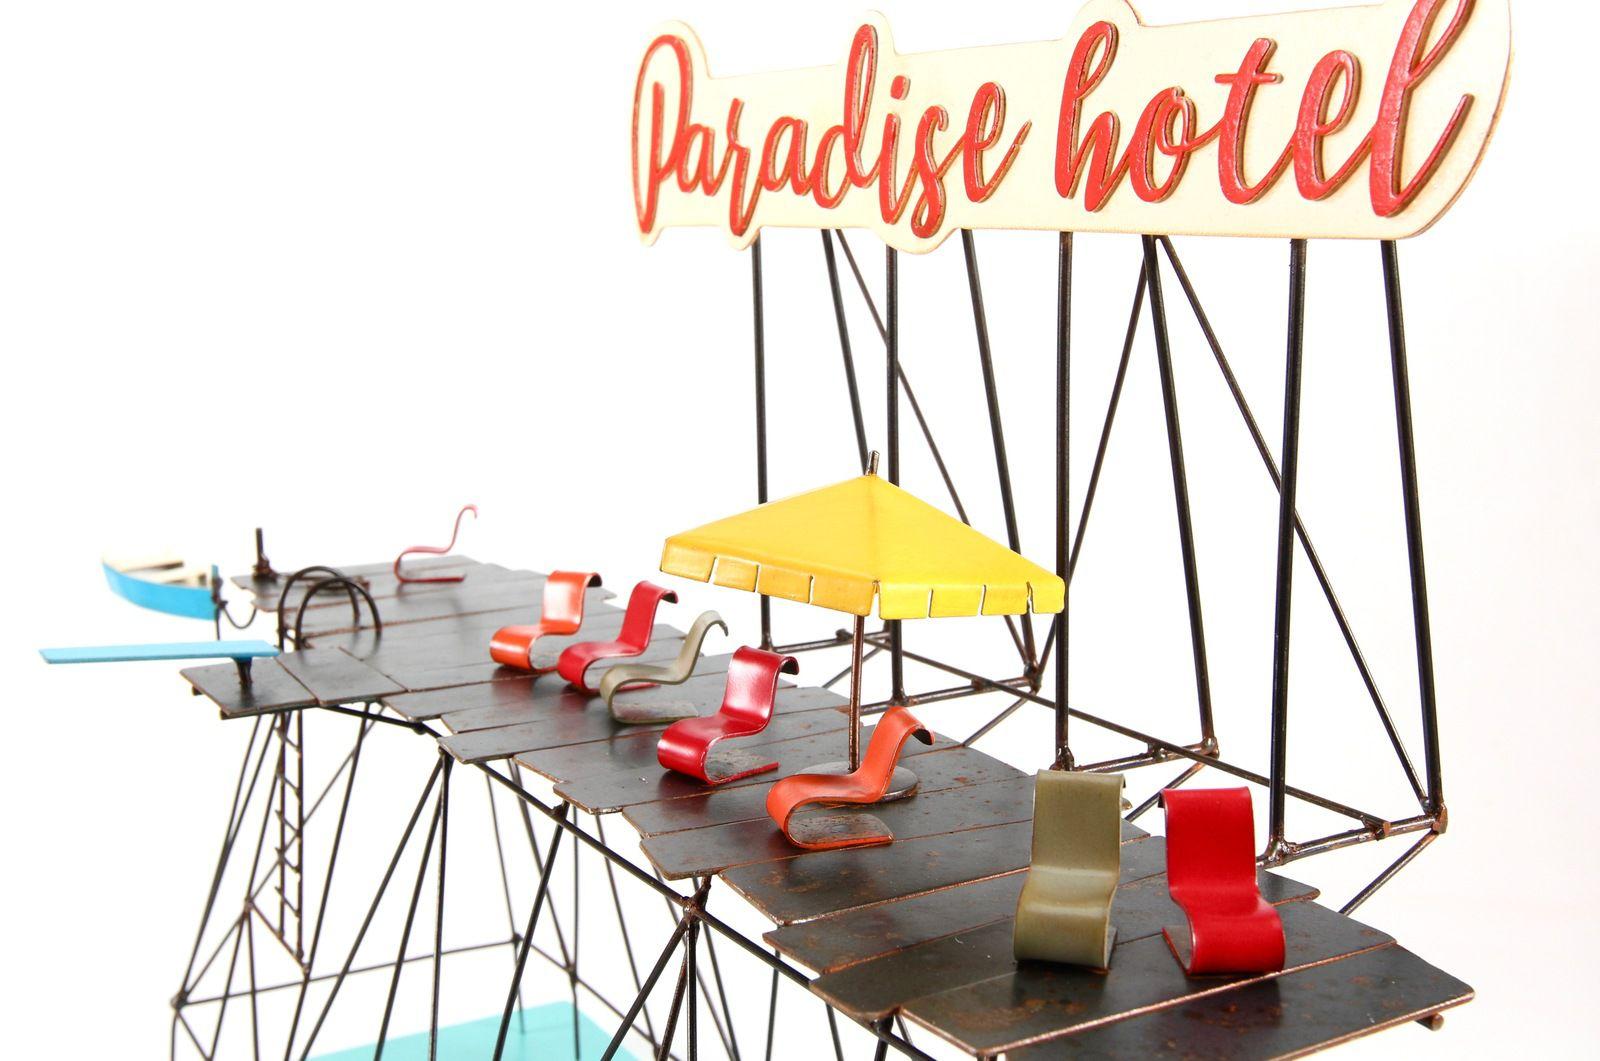 A deux en couleur, h : 84 cm. Paradise hotel, L : 61 cm